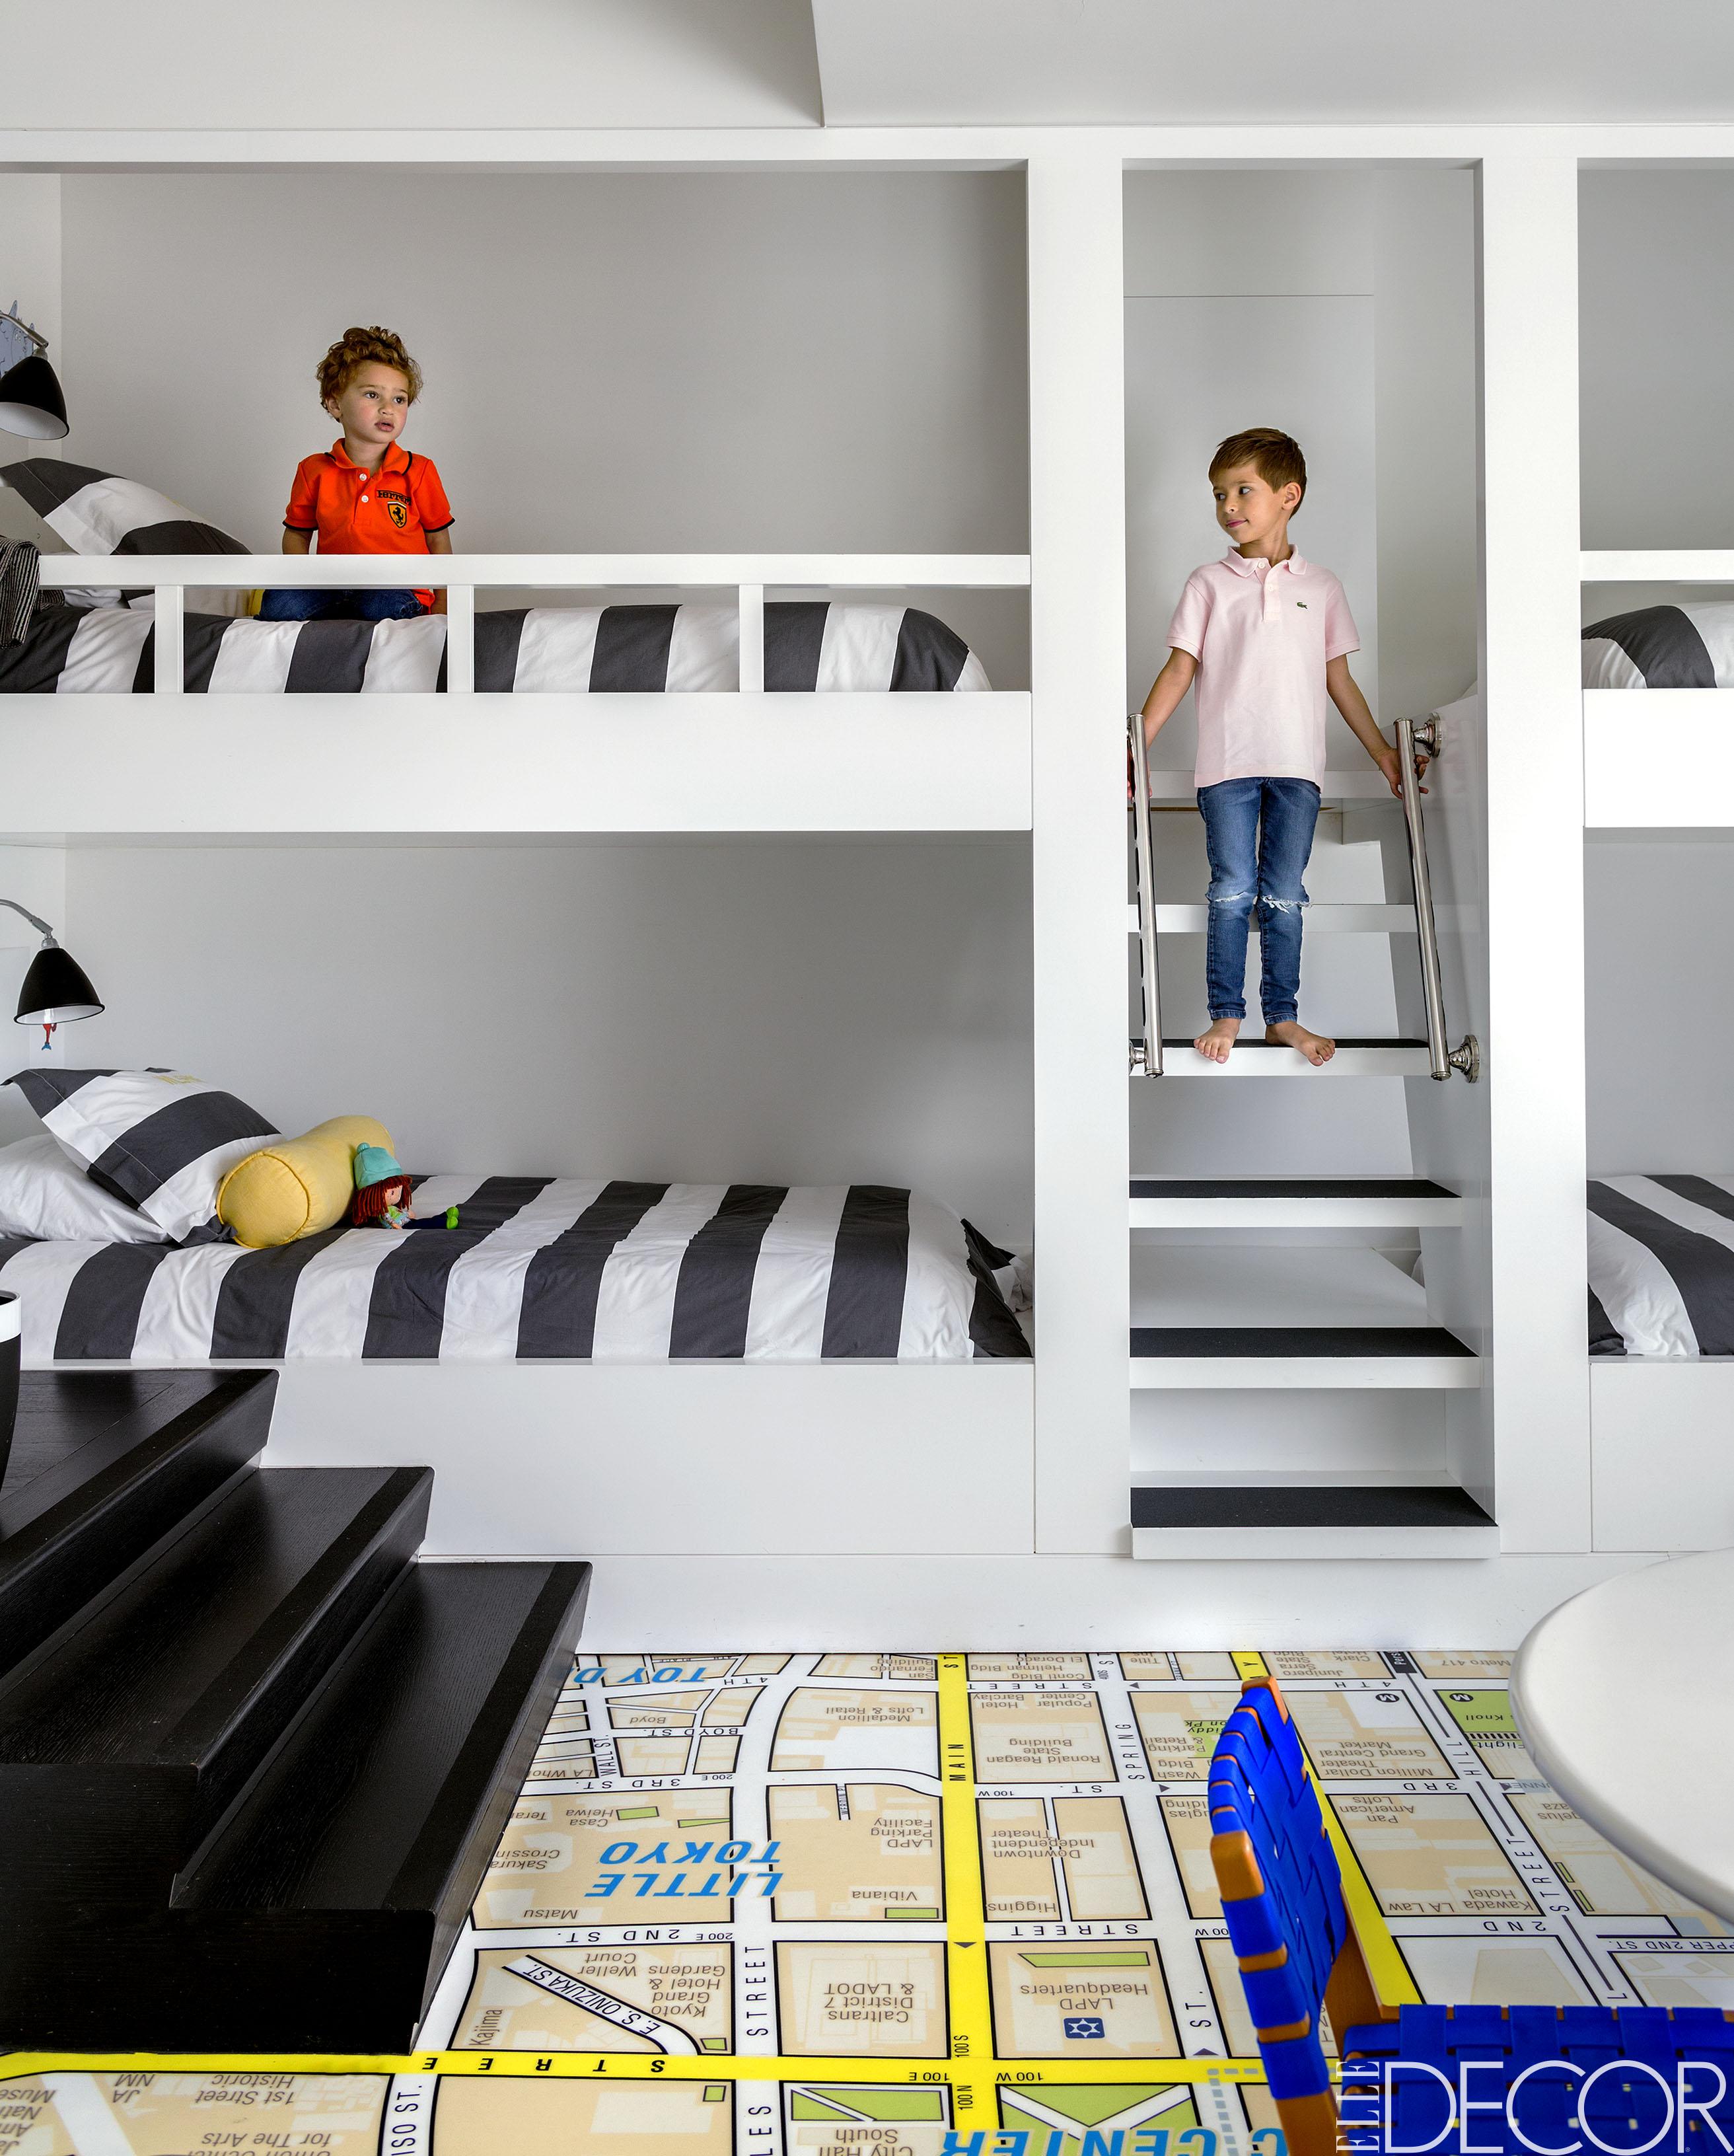 15 cool boys bedroom ideas - decorating a little boy room VLAZLMT